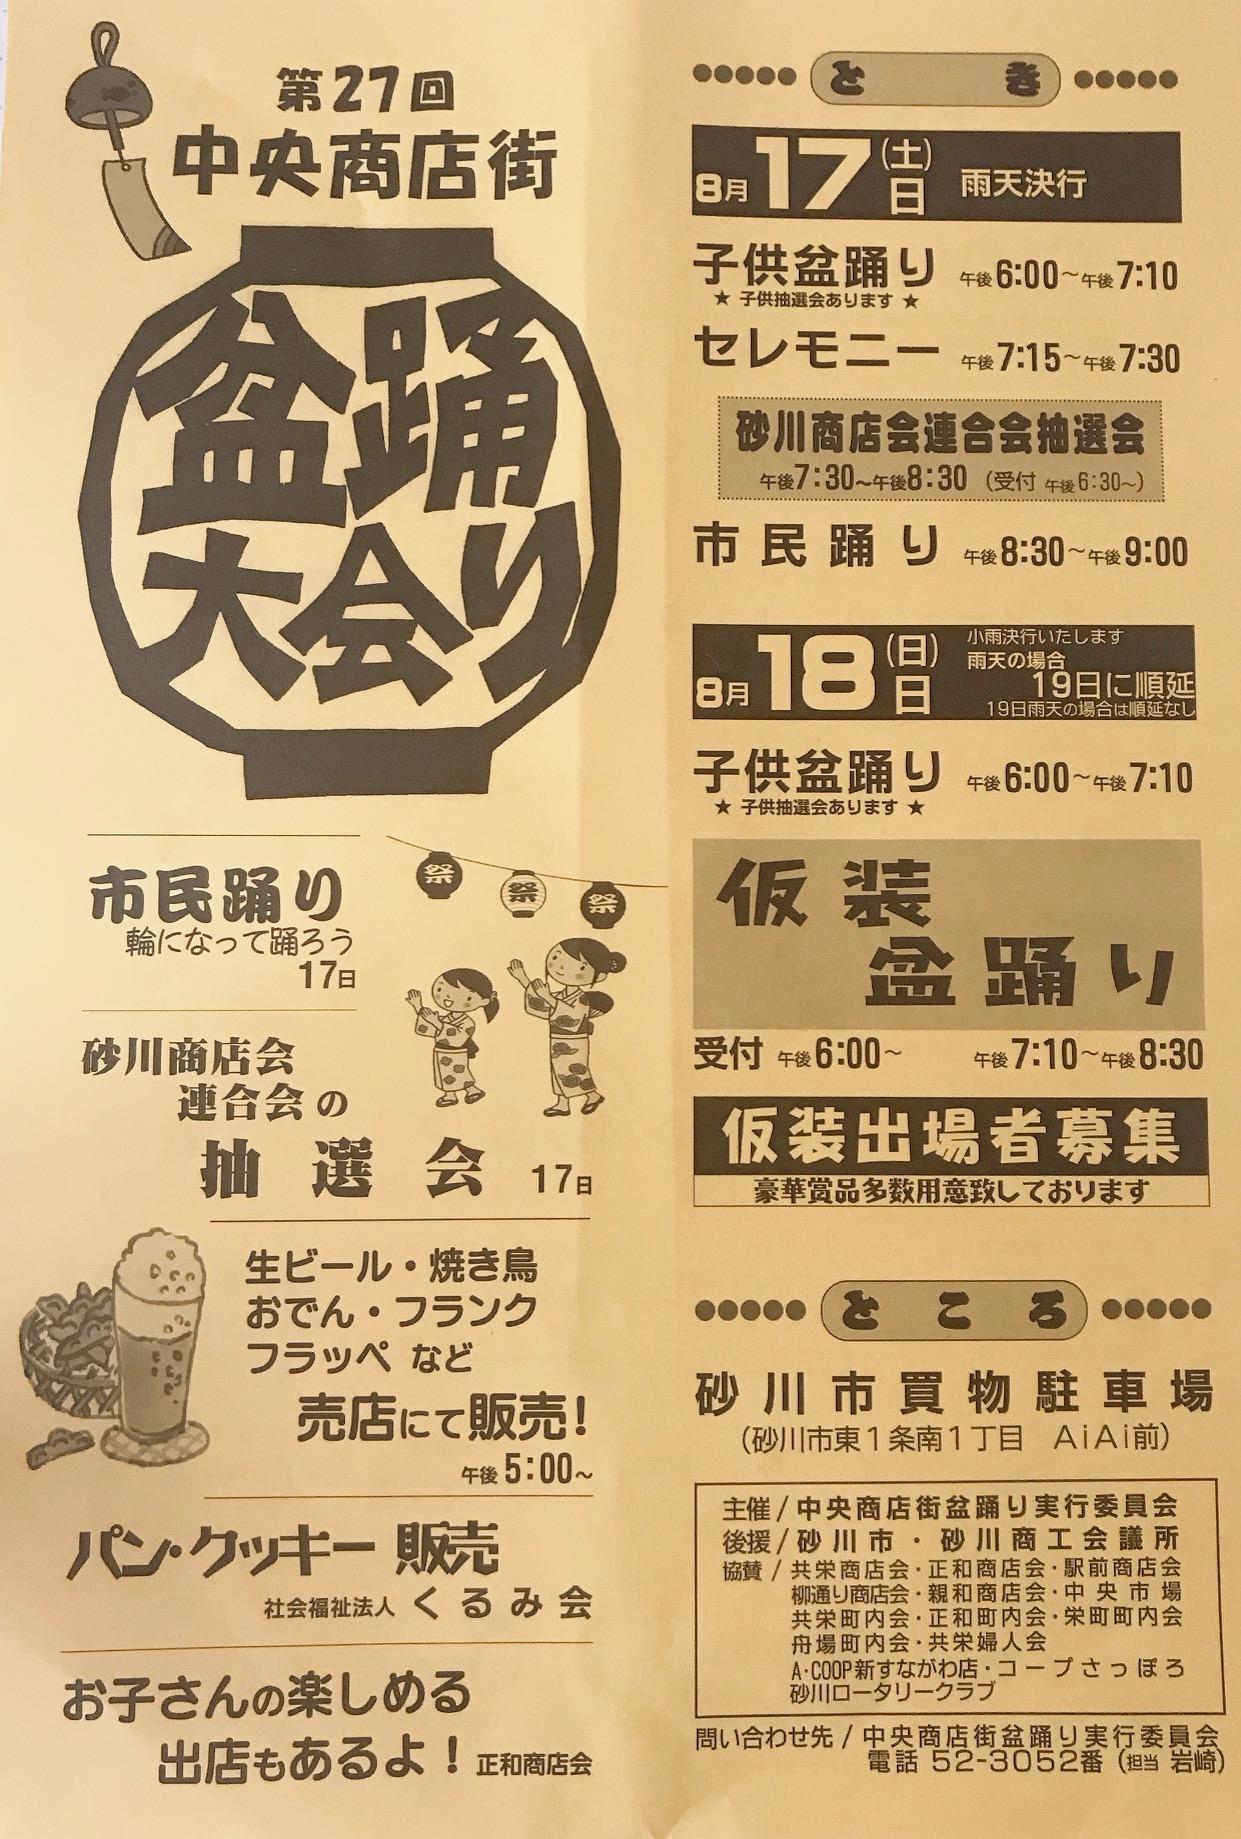 中央商店街盆踊り大会(2019年)のポスター